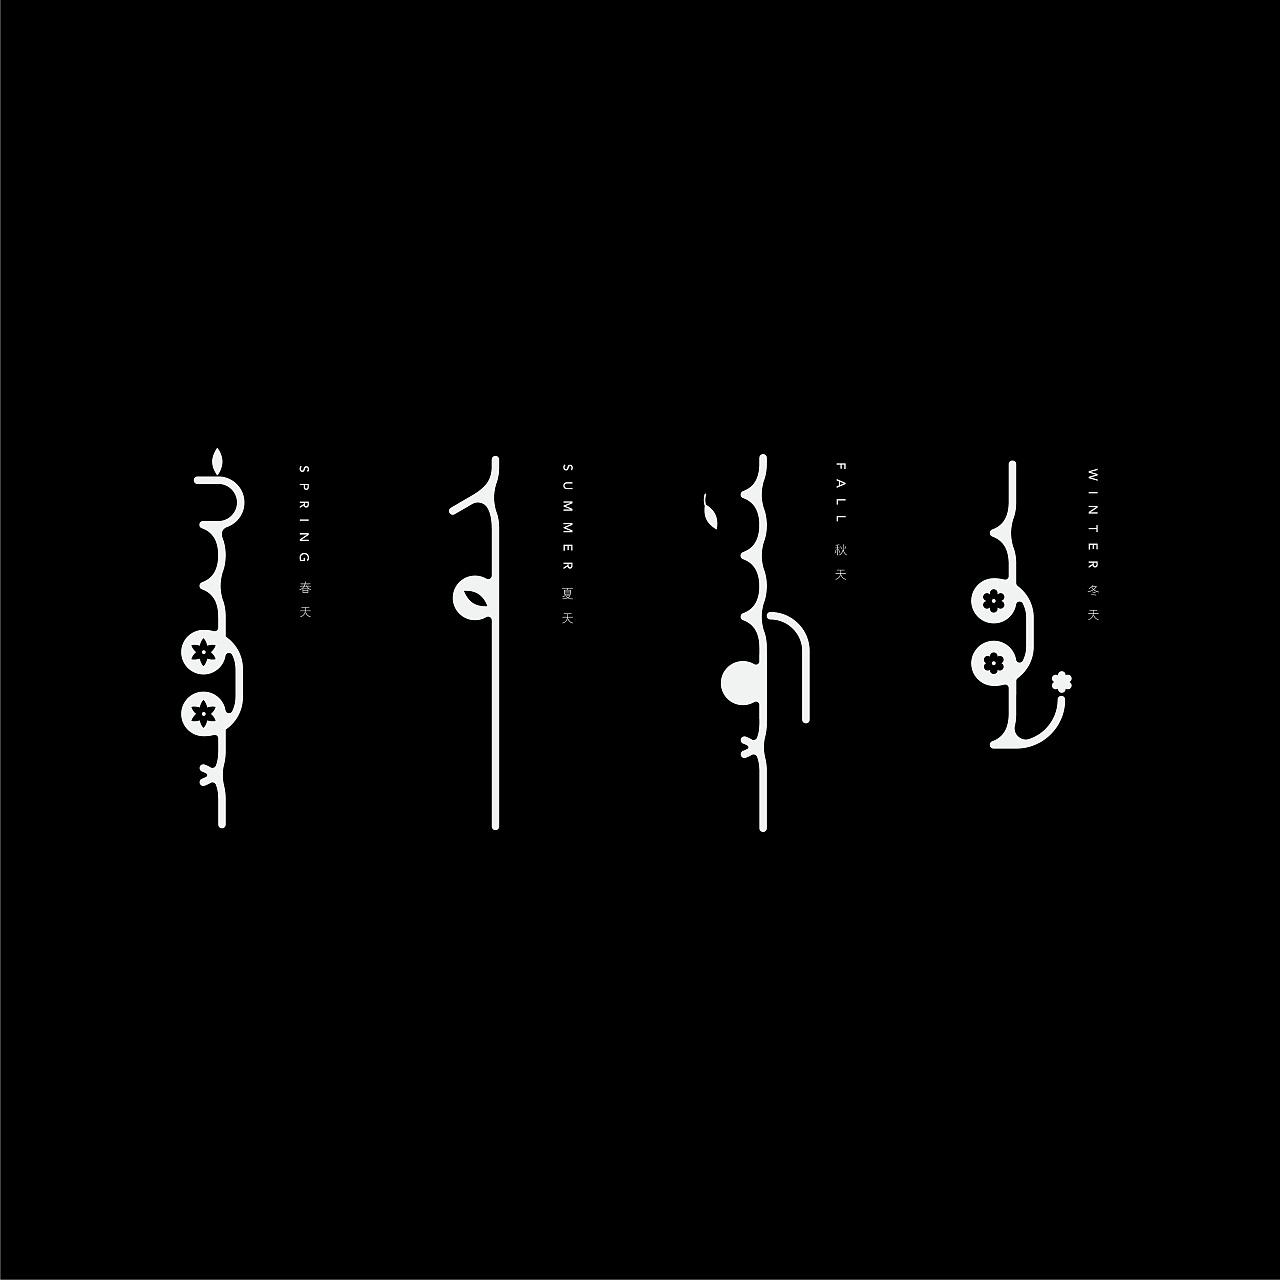 蒙古文字体设计—包立华 第6张 蒙古文字体设计—包立华 蒙古设计